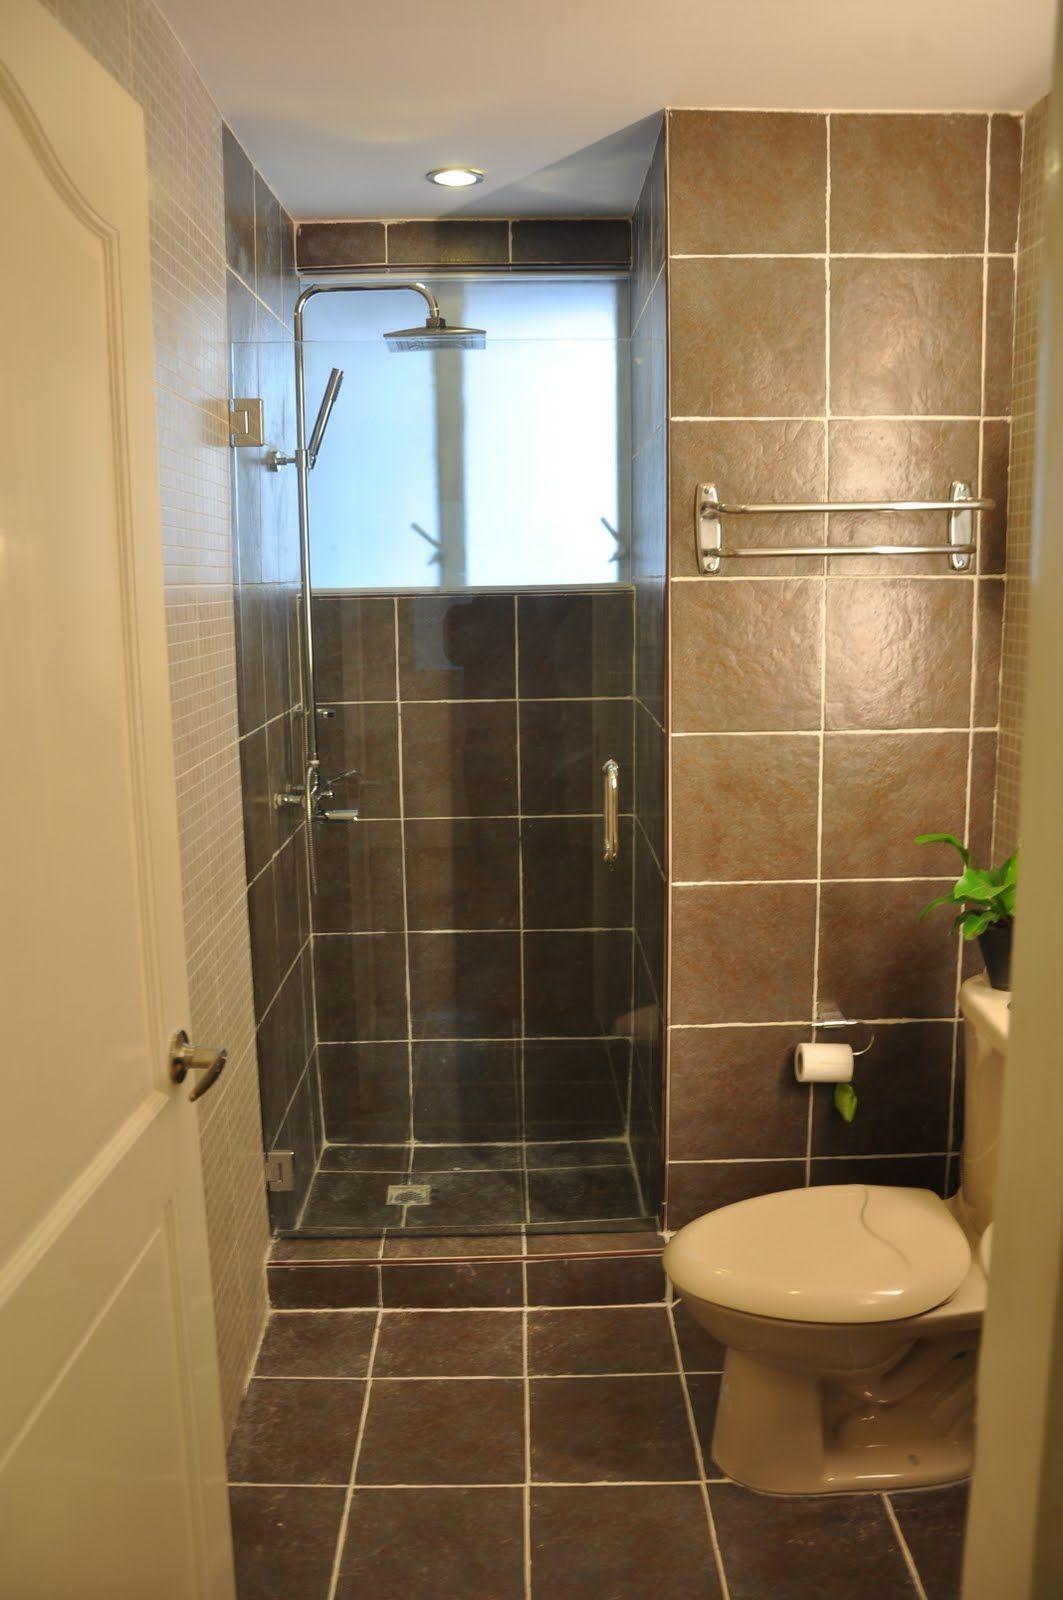 Bathroom Floor Plans For Small Spaces Sinceso Bathroom Design